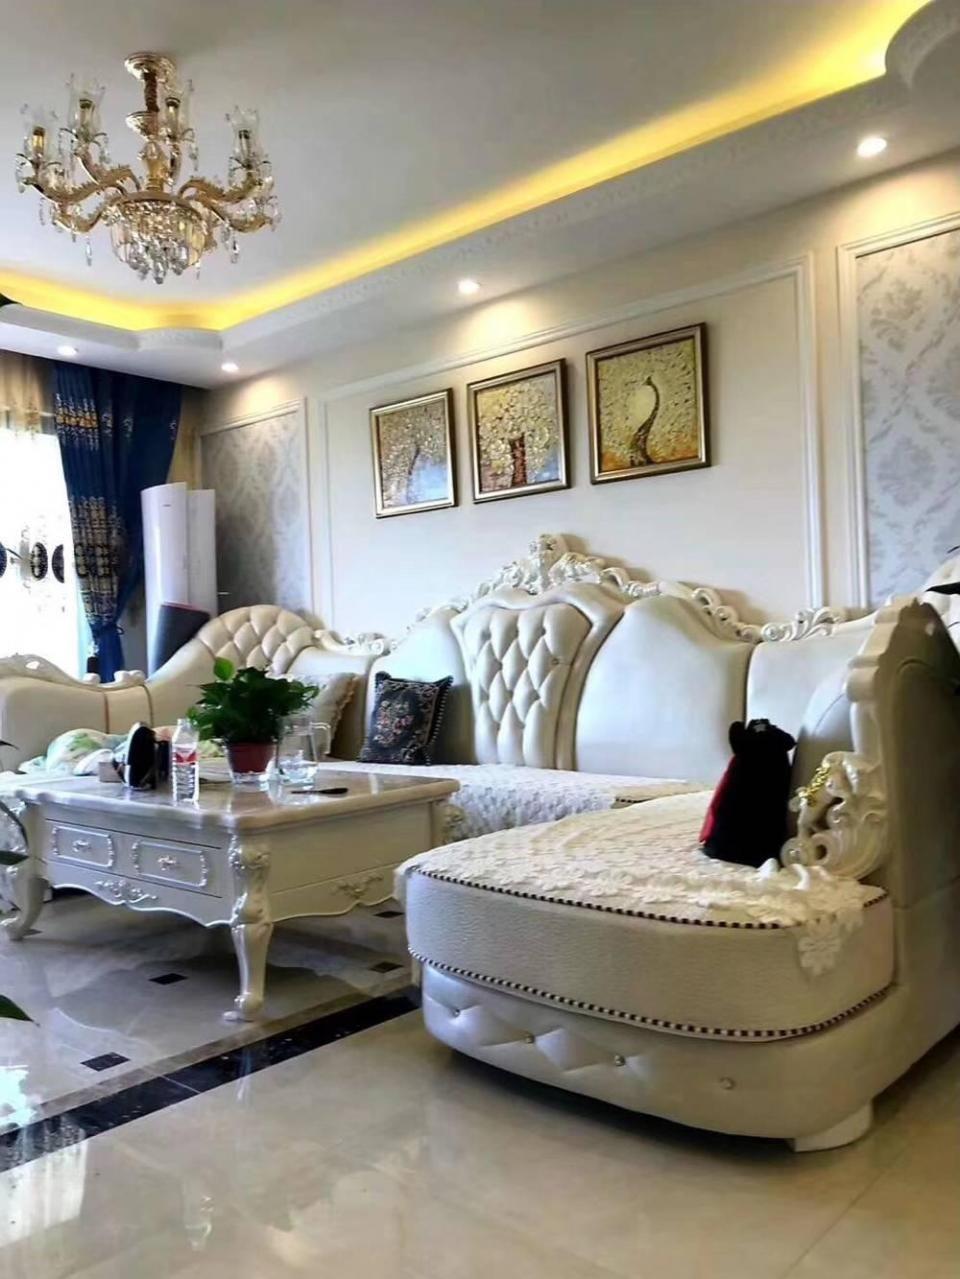 推荐 正文  电视背景墙选用大理石上墙,提高了家居的档次,高贵而典雅